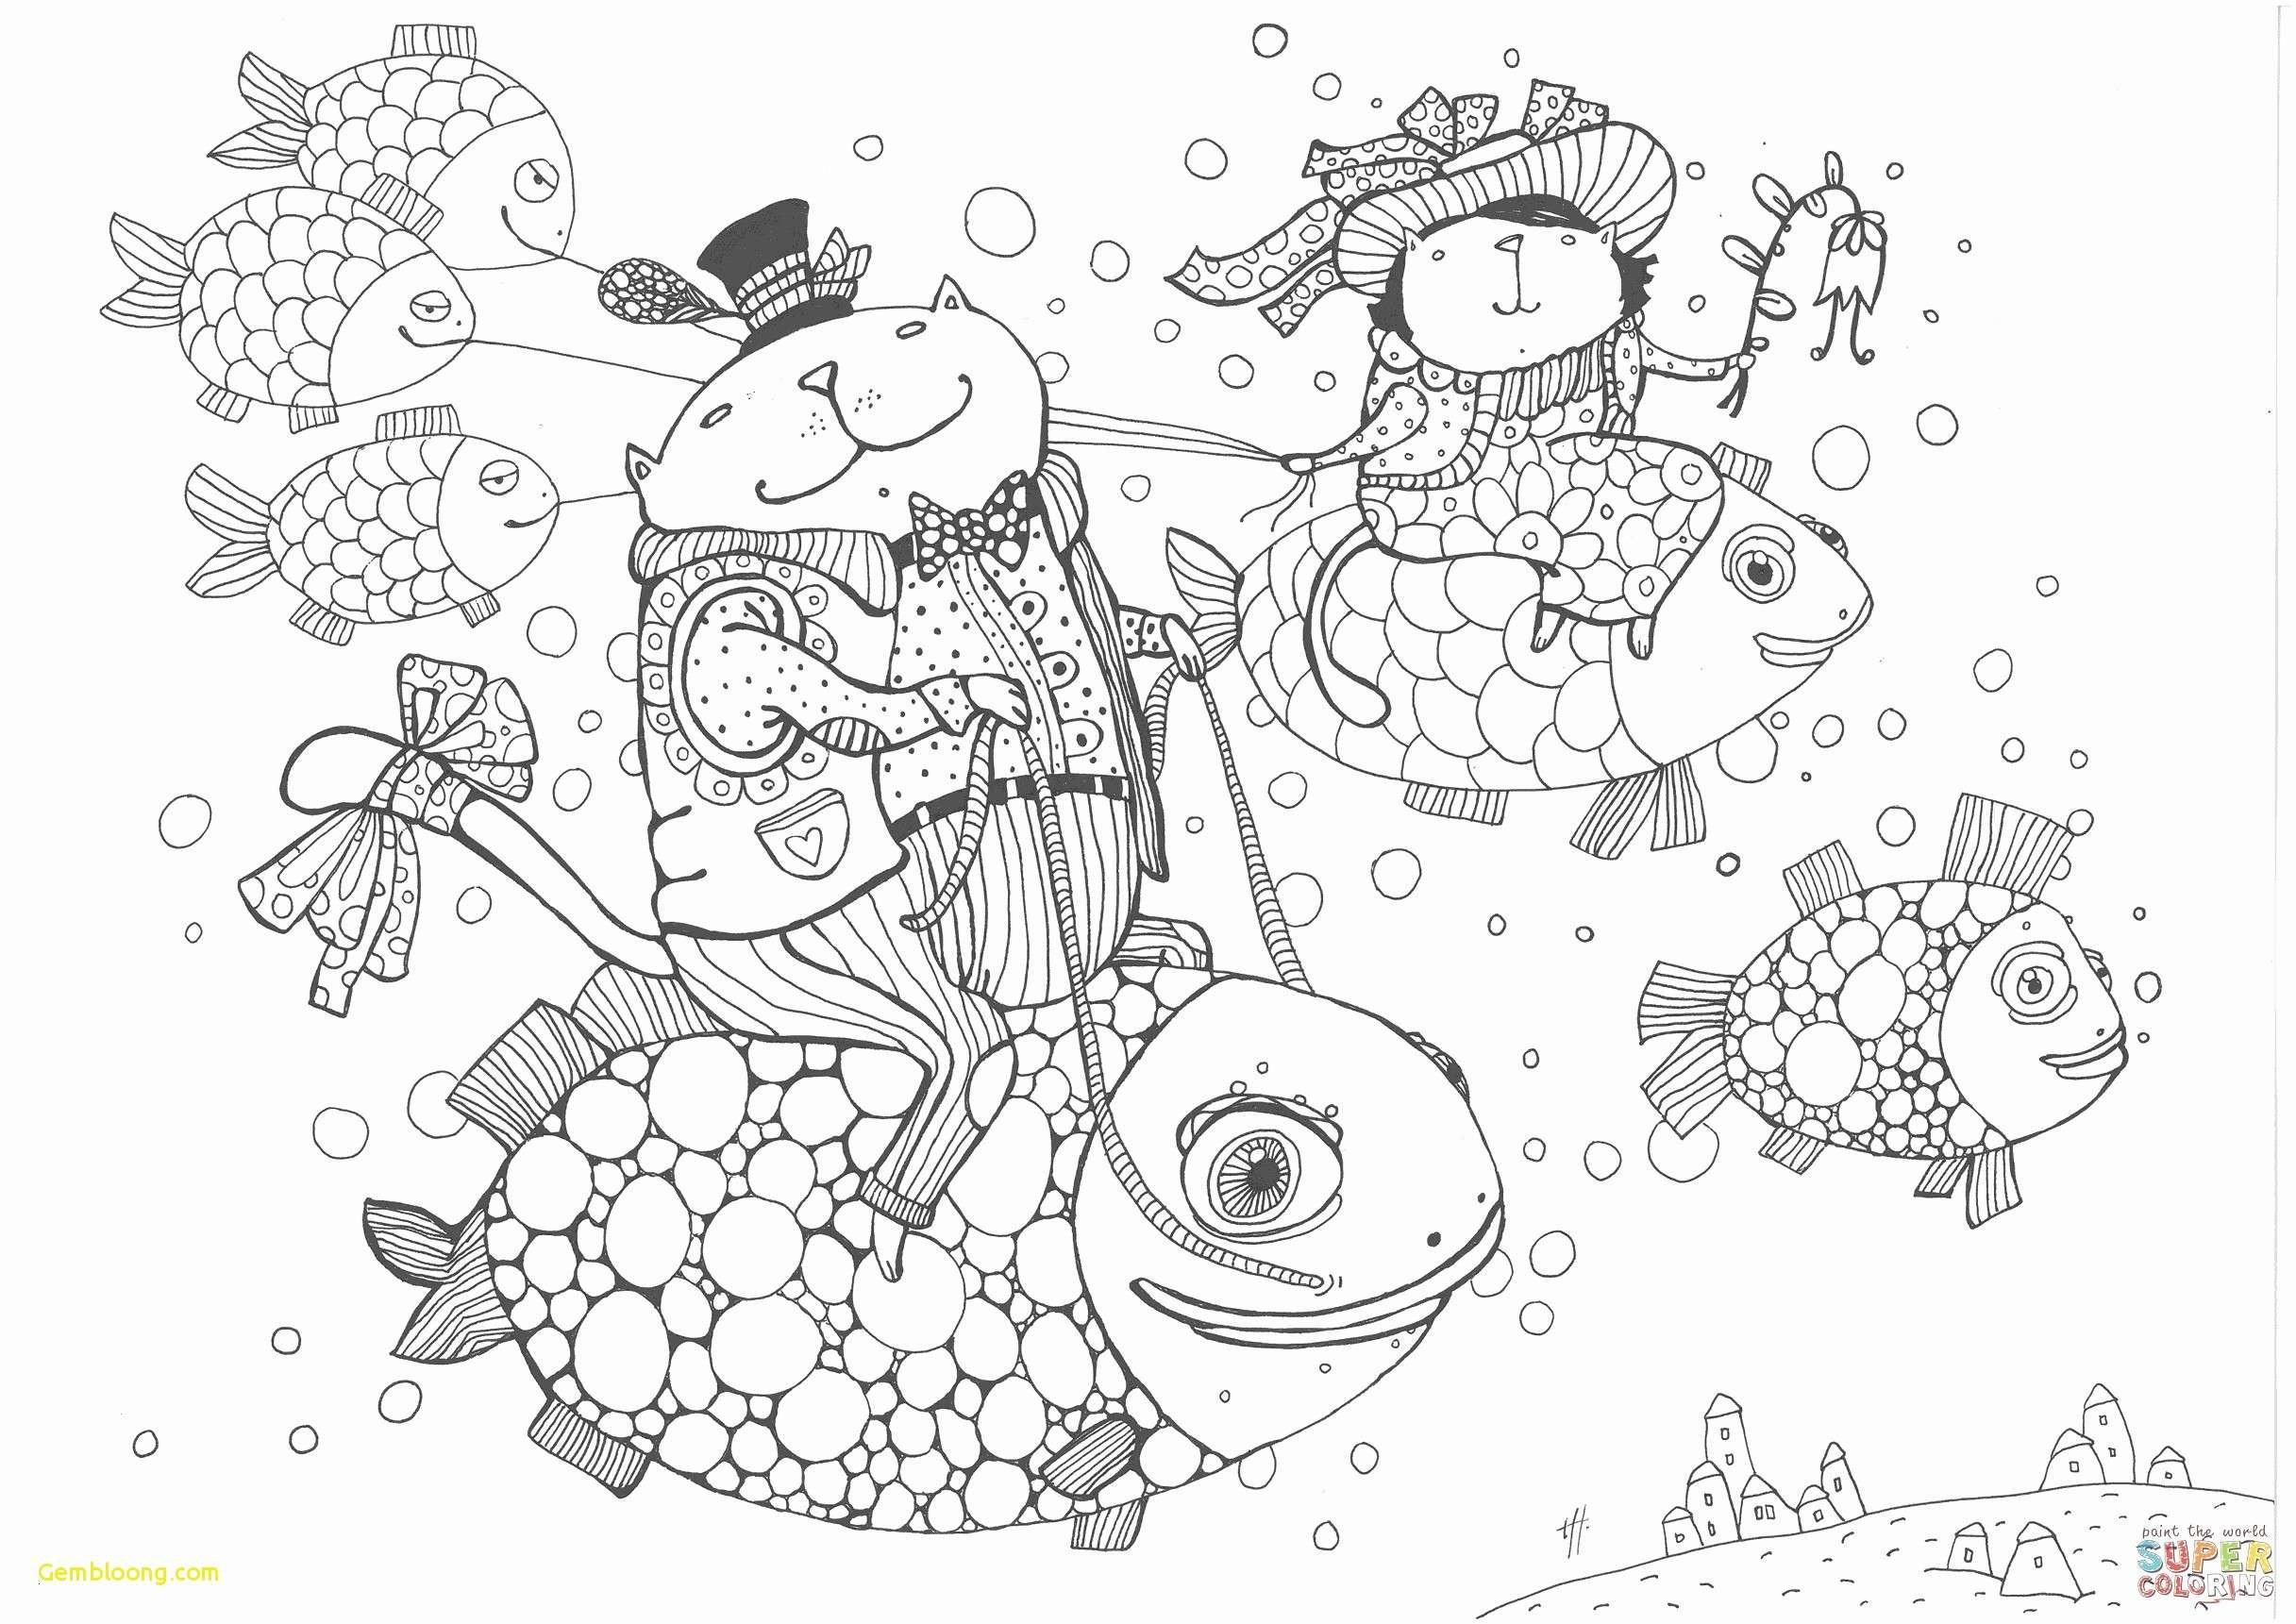 Stern Weihnachten Malvorlage Neu 35 Sterne Ausmalbilder Scoredatscore Schön Weihnachten Ausmalbilder Bild